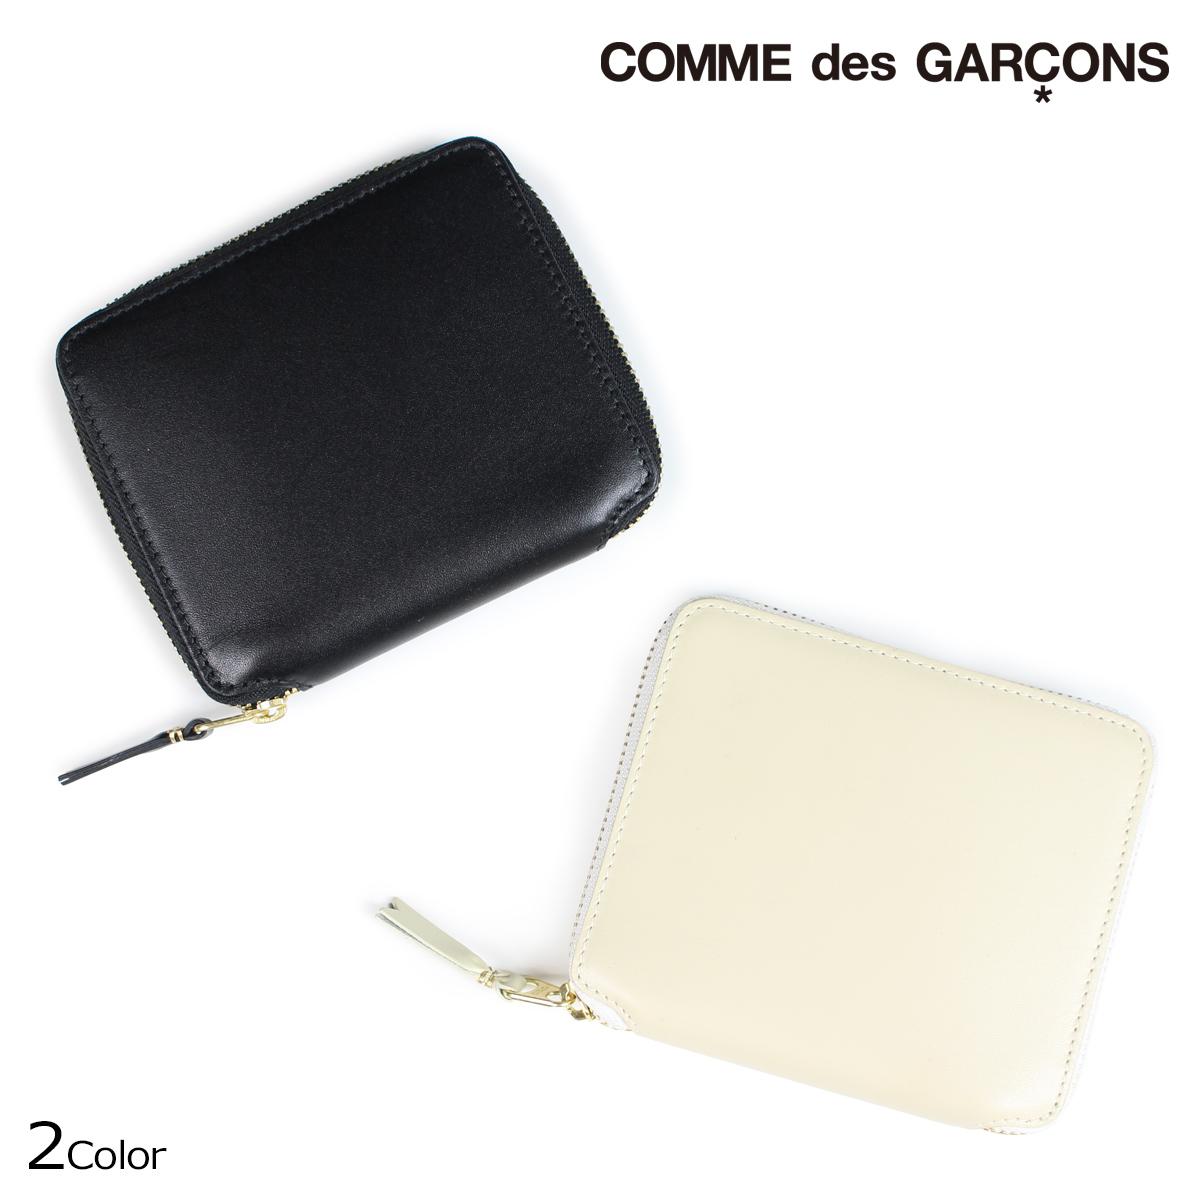 COMME des GARCONS 財布 二つ折り メンズ レディース ラウンドファスナー コムデギャルソン SA2100 ブラック オフホワイト [9/10 新入荷]